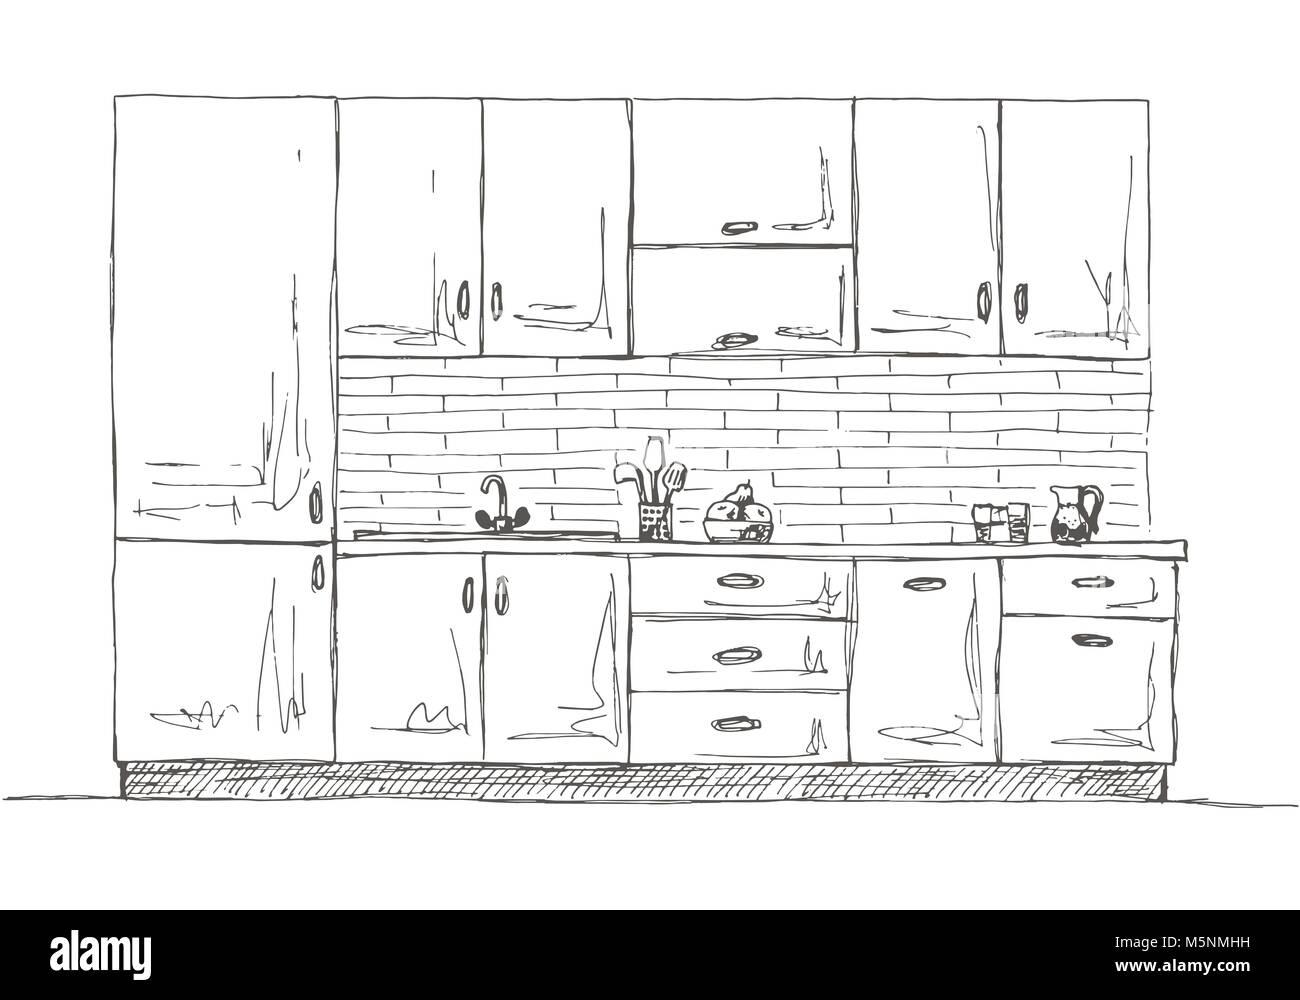 Disegnata Per Mobili Da Cucina Illustrazione Vettoriale In Stile Di Disegno Immagine E Vettoriale Alamy